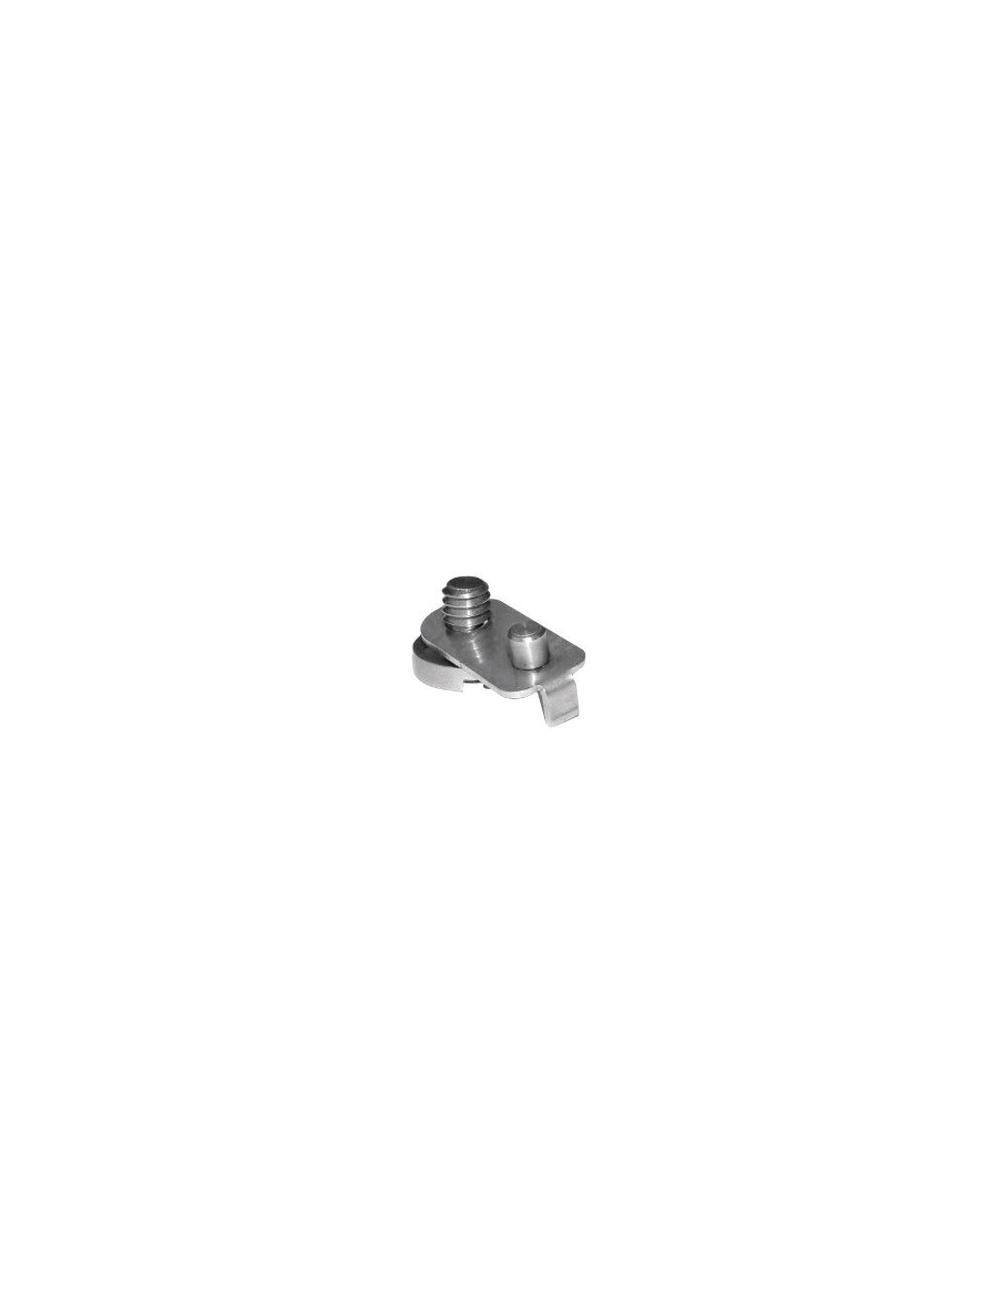 """Vinten - Pin y tornillo de 1/4"""" para VB y Vision AS - (V4045-1006)"""